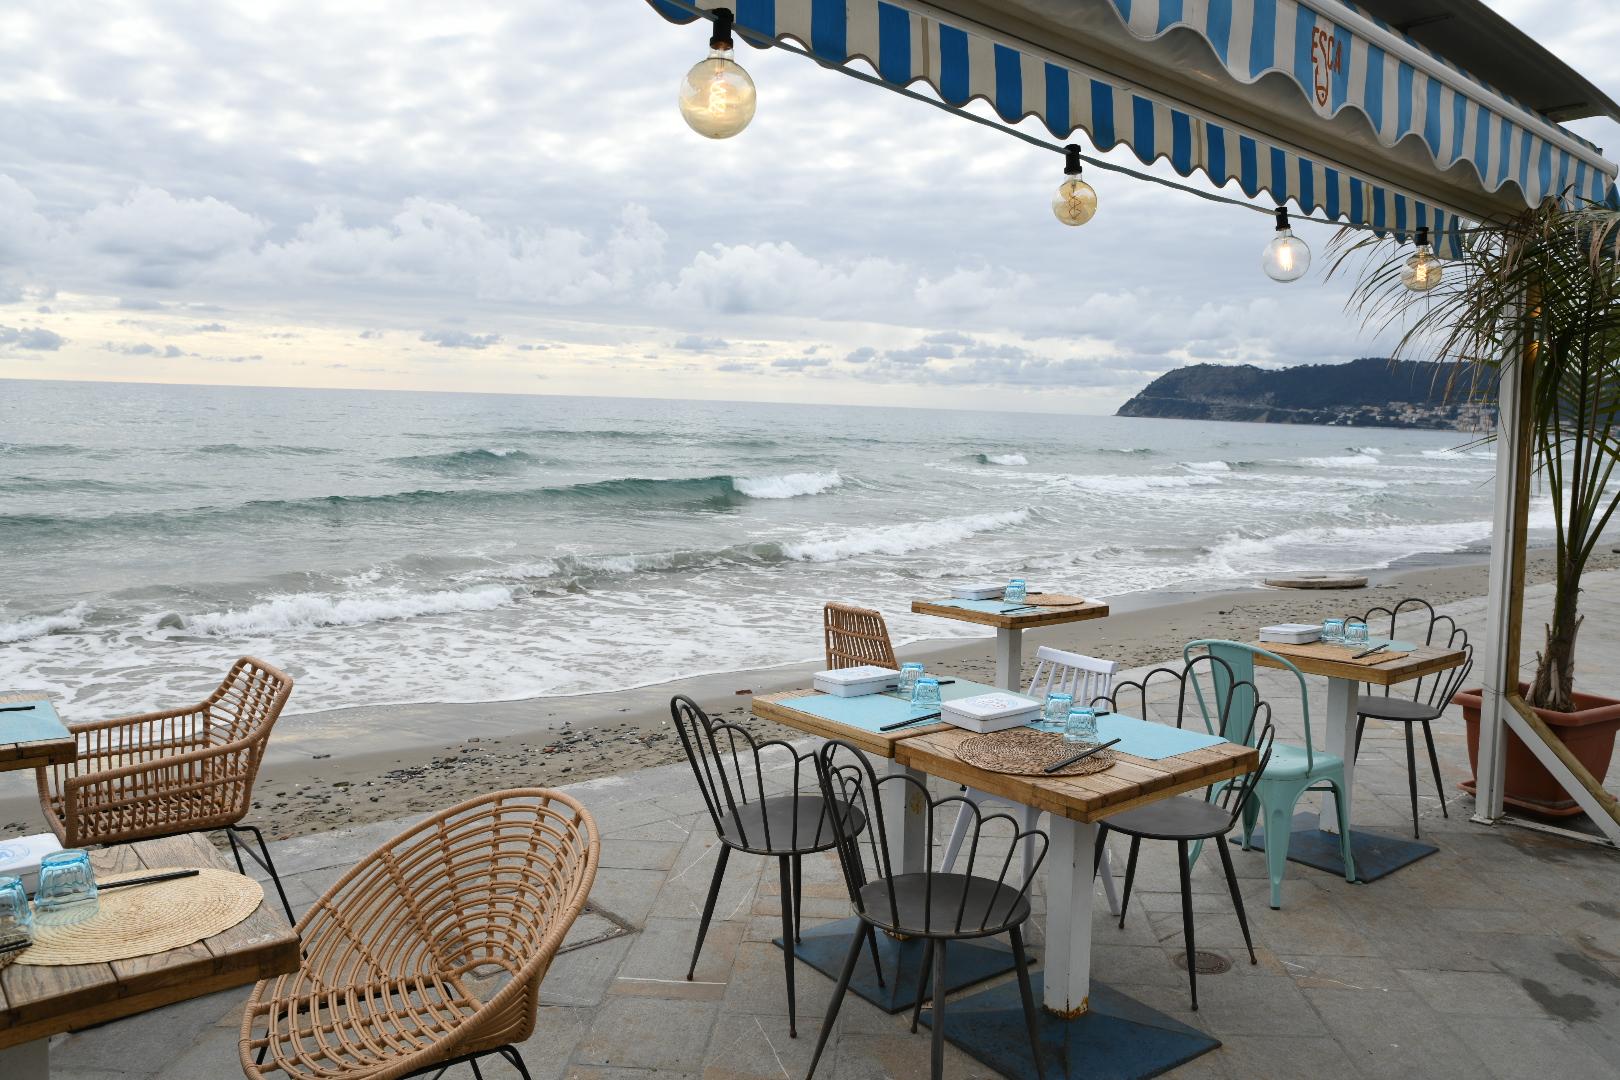 Spiaggia di Alassio...